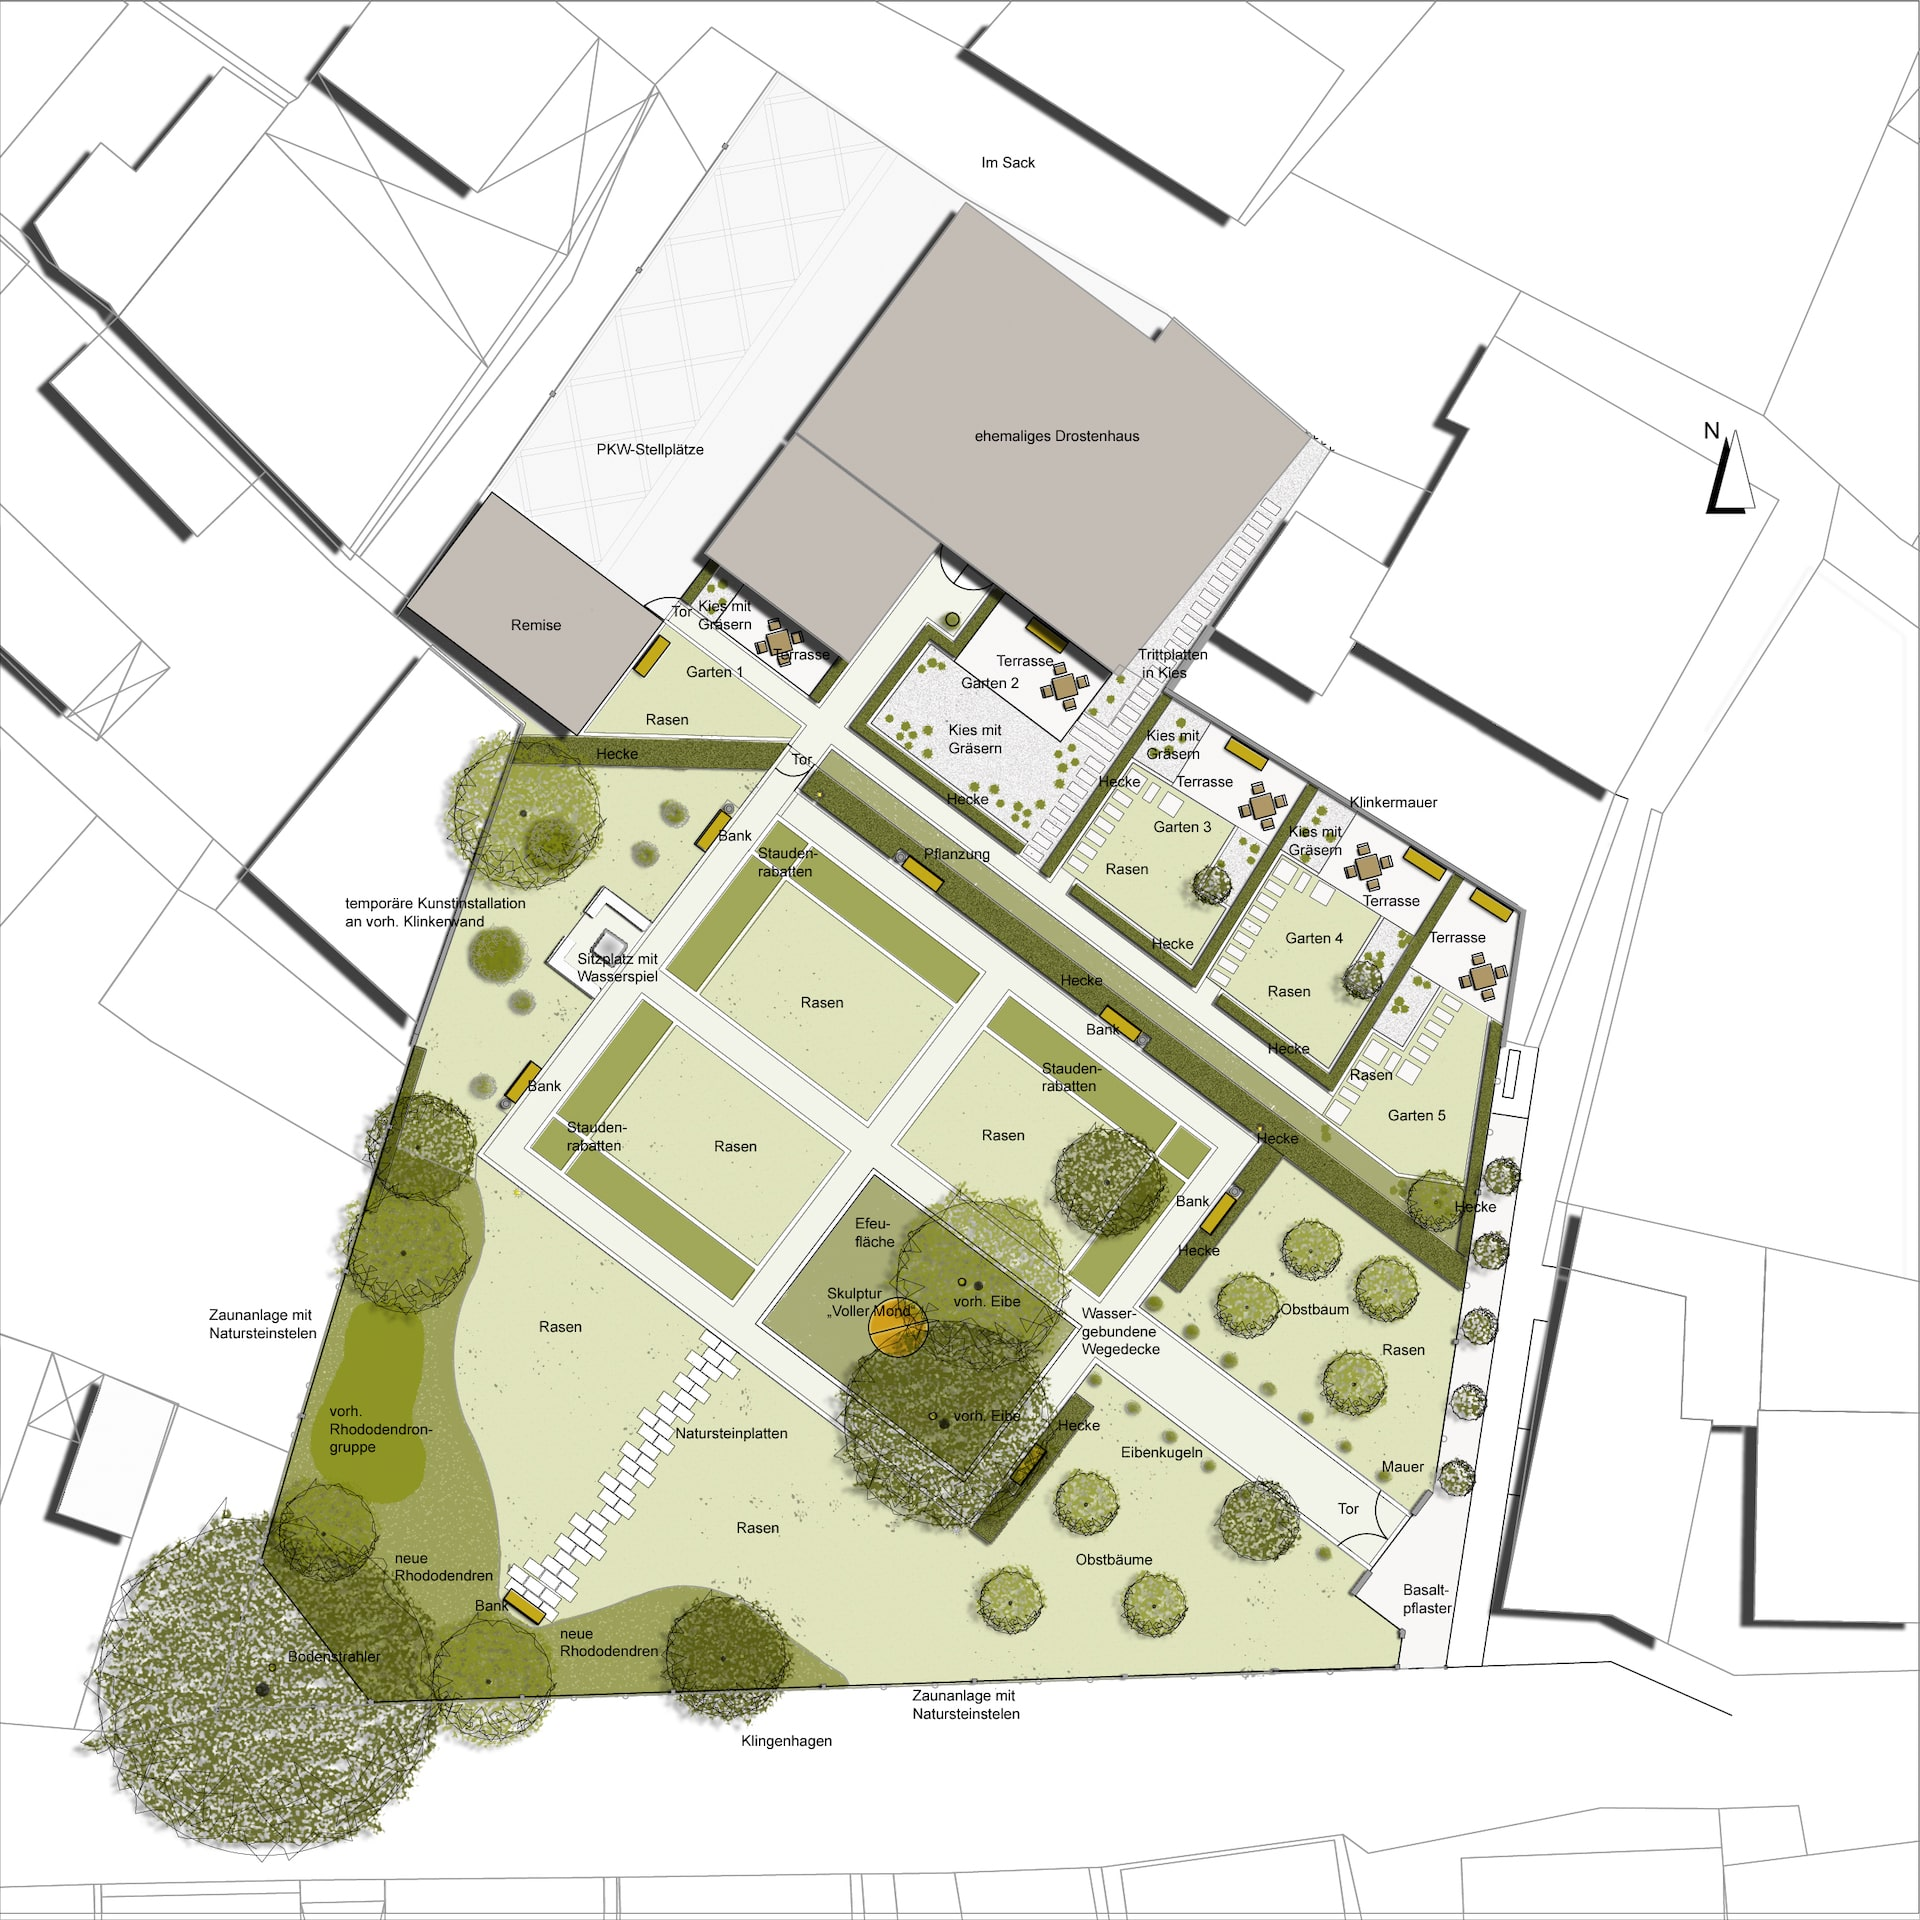 Drostengarten Plan